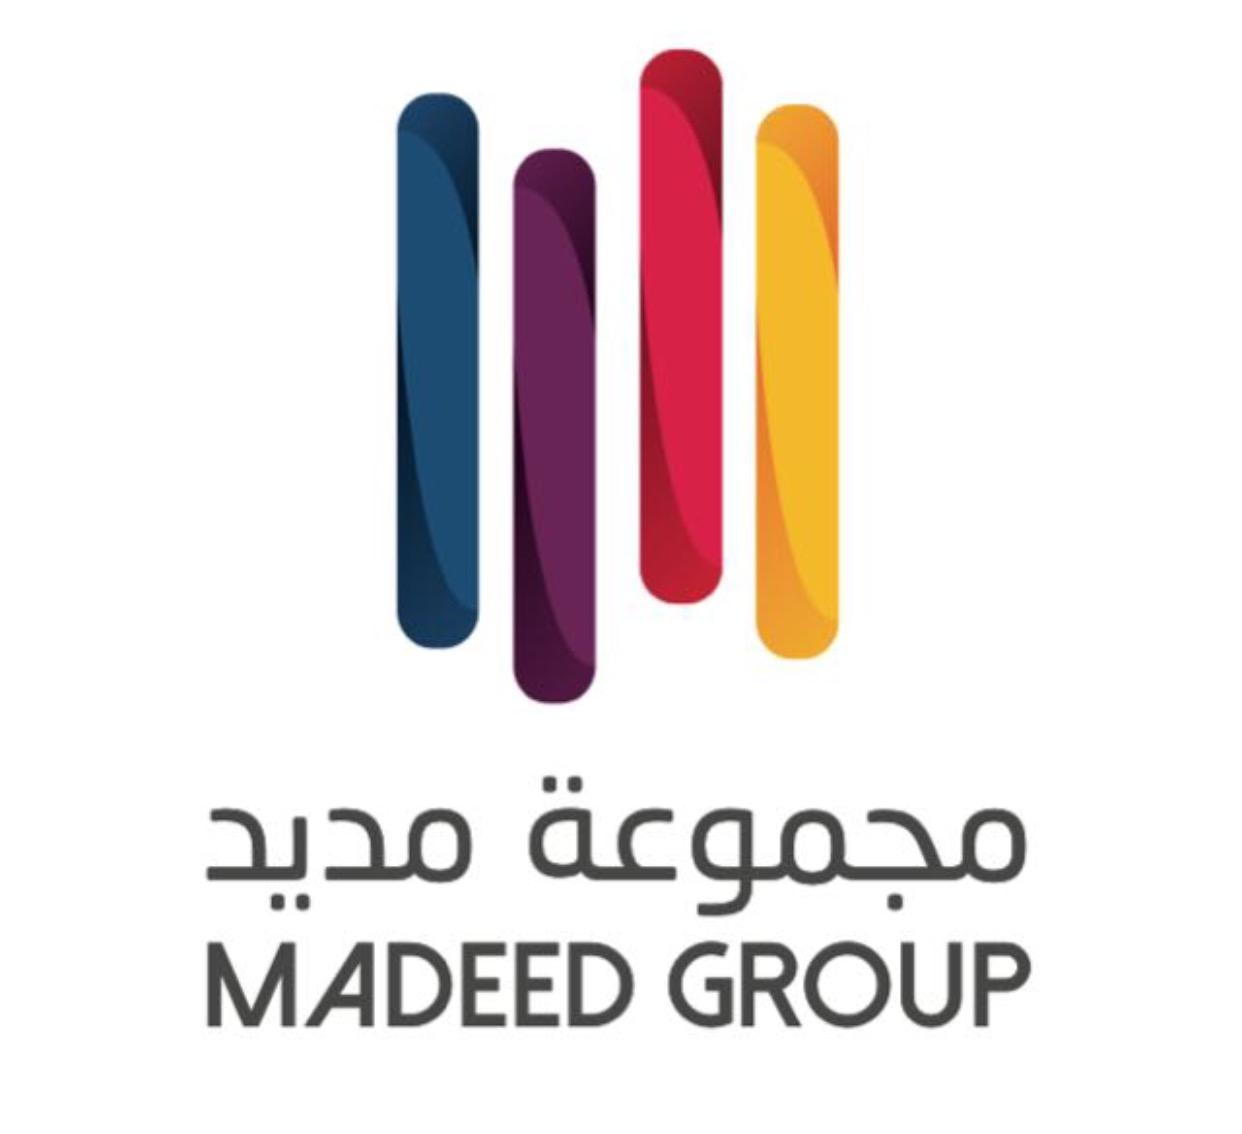 Madeed Group